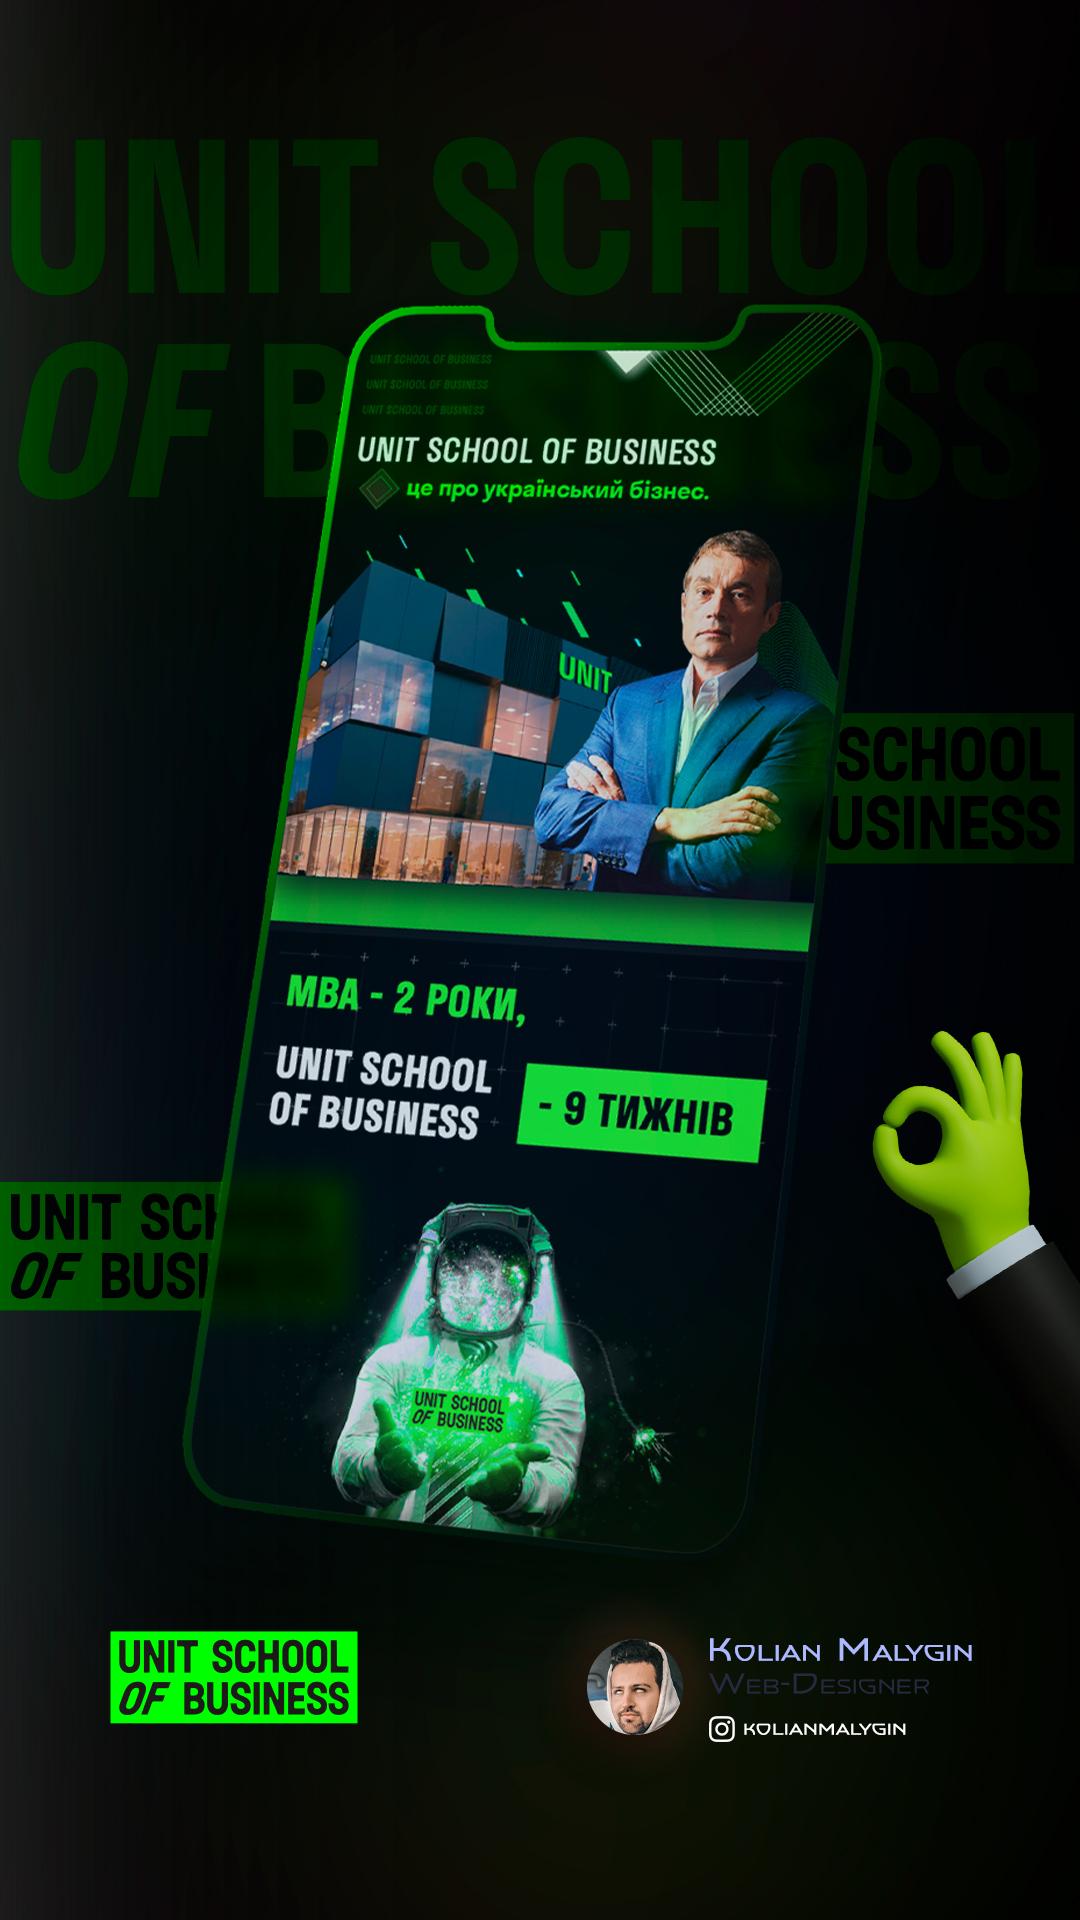 Фото Unit School of Business - школа бизнеса для результативных предпринимателей нового поколения в центре инноваций UNIT.City. Уникальные конвертирующие креативные решения для таргетированной рекламы в Facebook и Instagram.